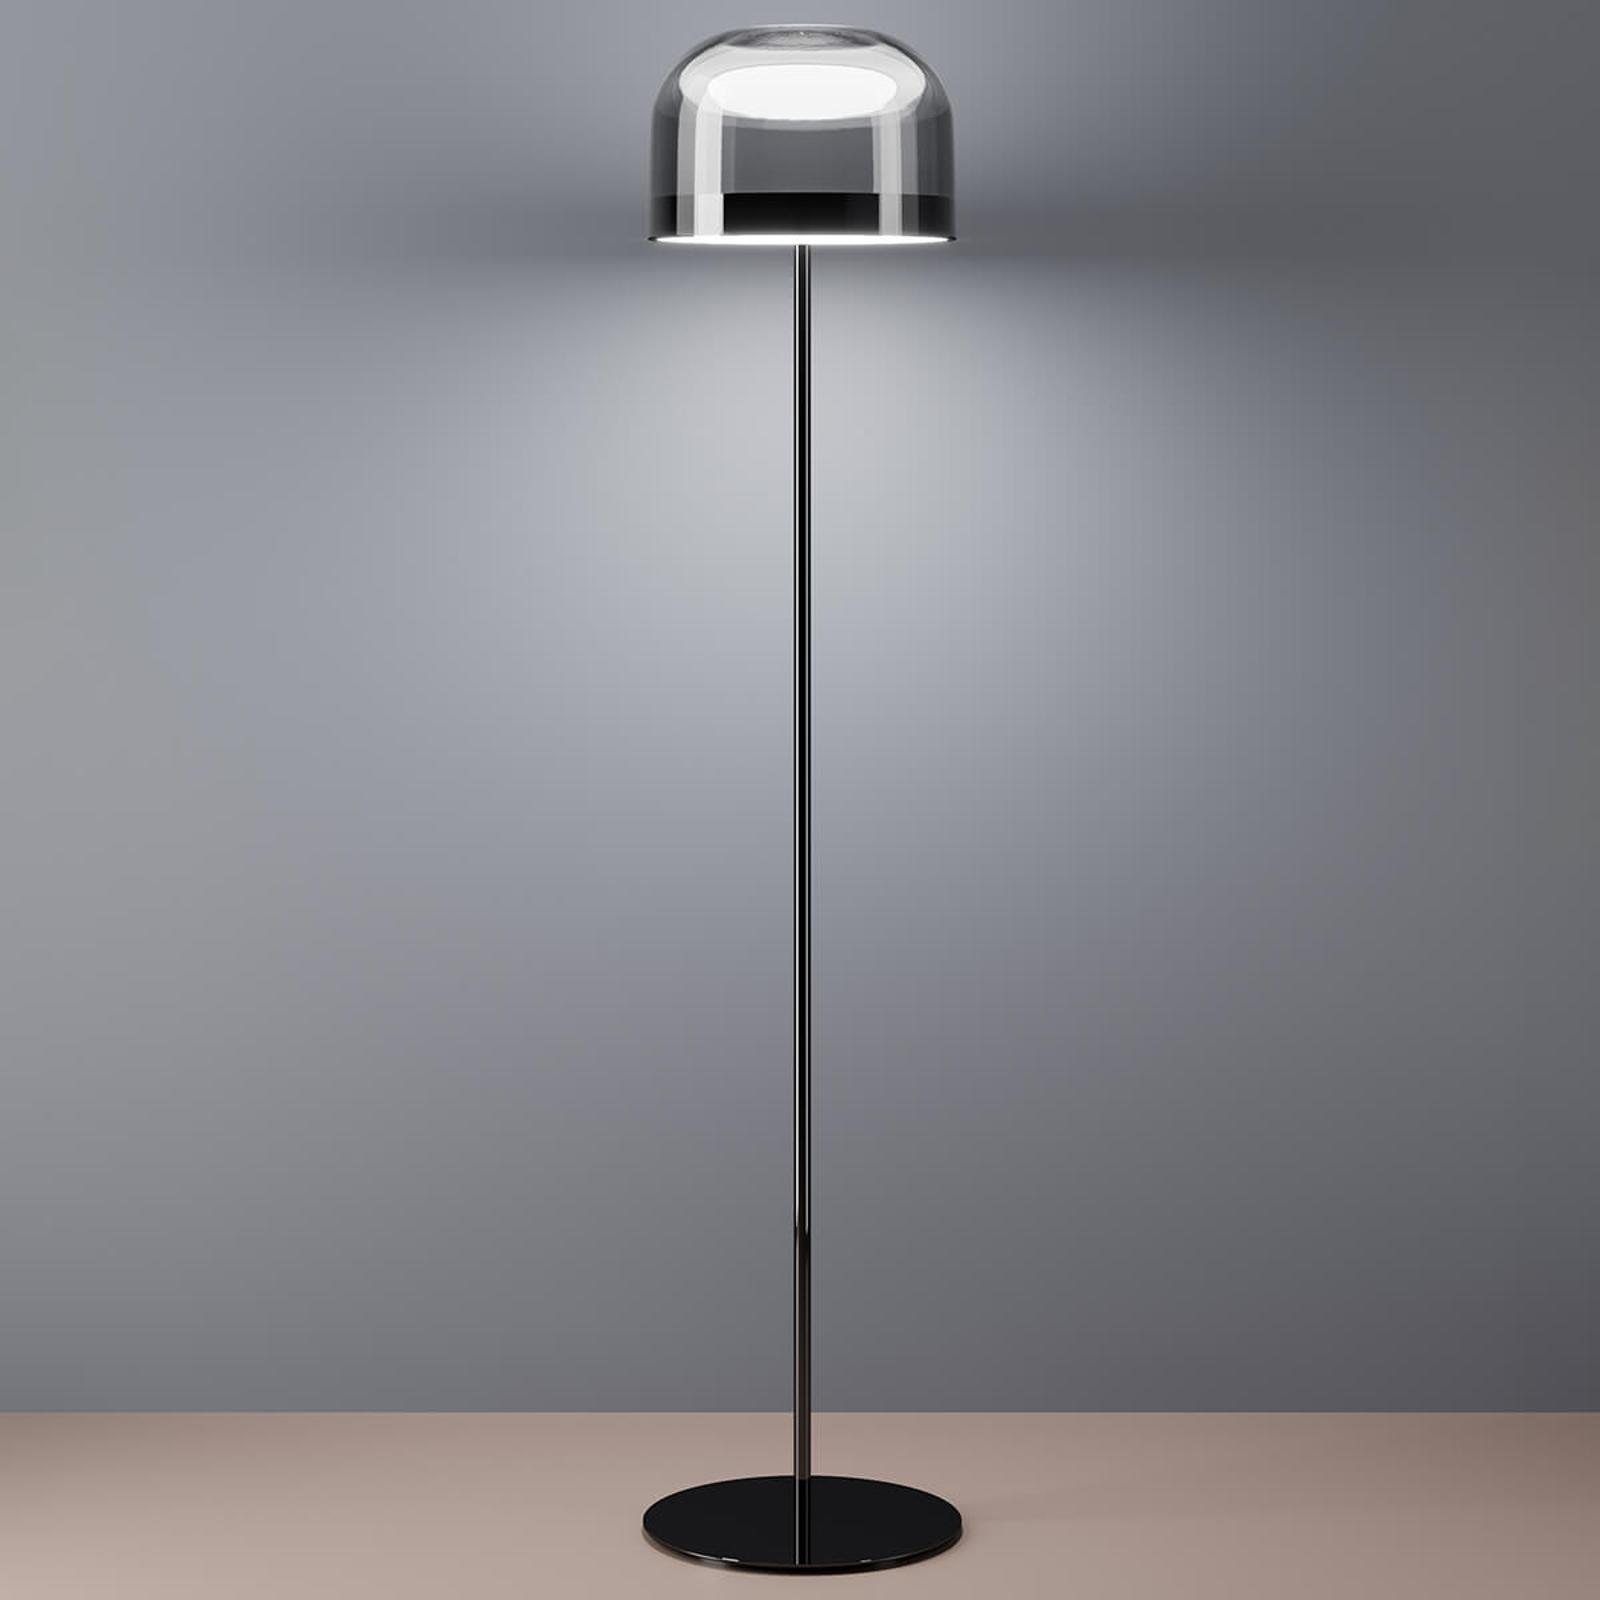 LED vloerlamp Equatore in chroom, 135 cm